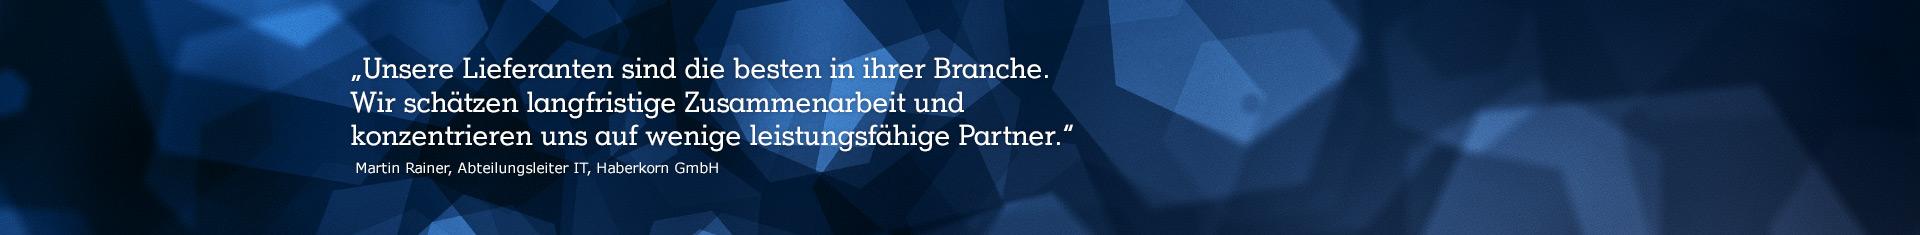 """abstraktes Bild mit Zitat """"Unsere Lieferanten sind die besten in ihrer Branche. Wir schätzen langfristige Zusammenarbeit und konzentrieren uns auf wenige leistungsfähige Partner."""""""